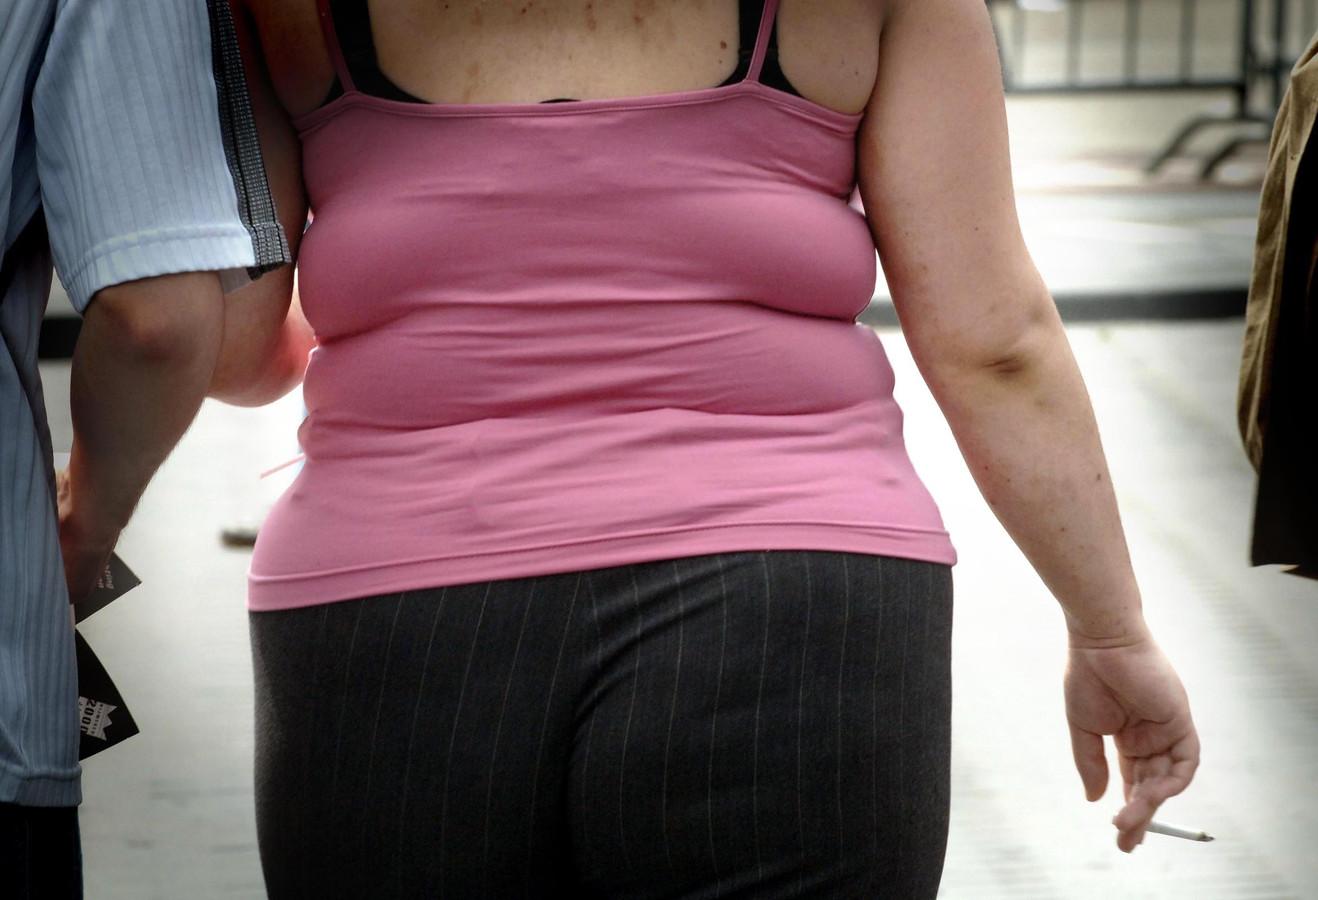 Ziekmakend overgewicht (morbide obesitas) is geen keuze.